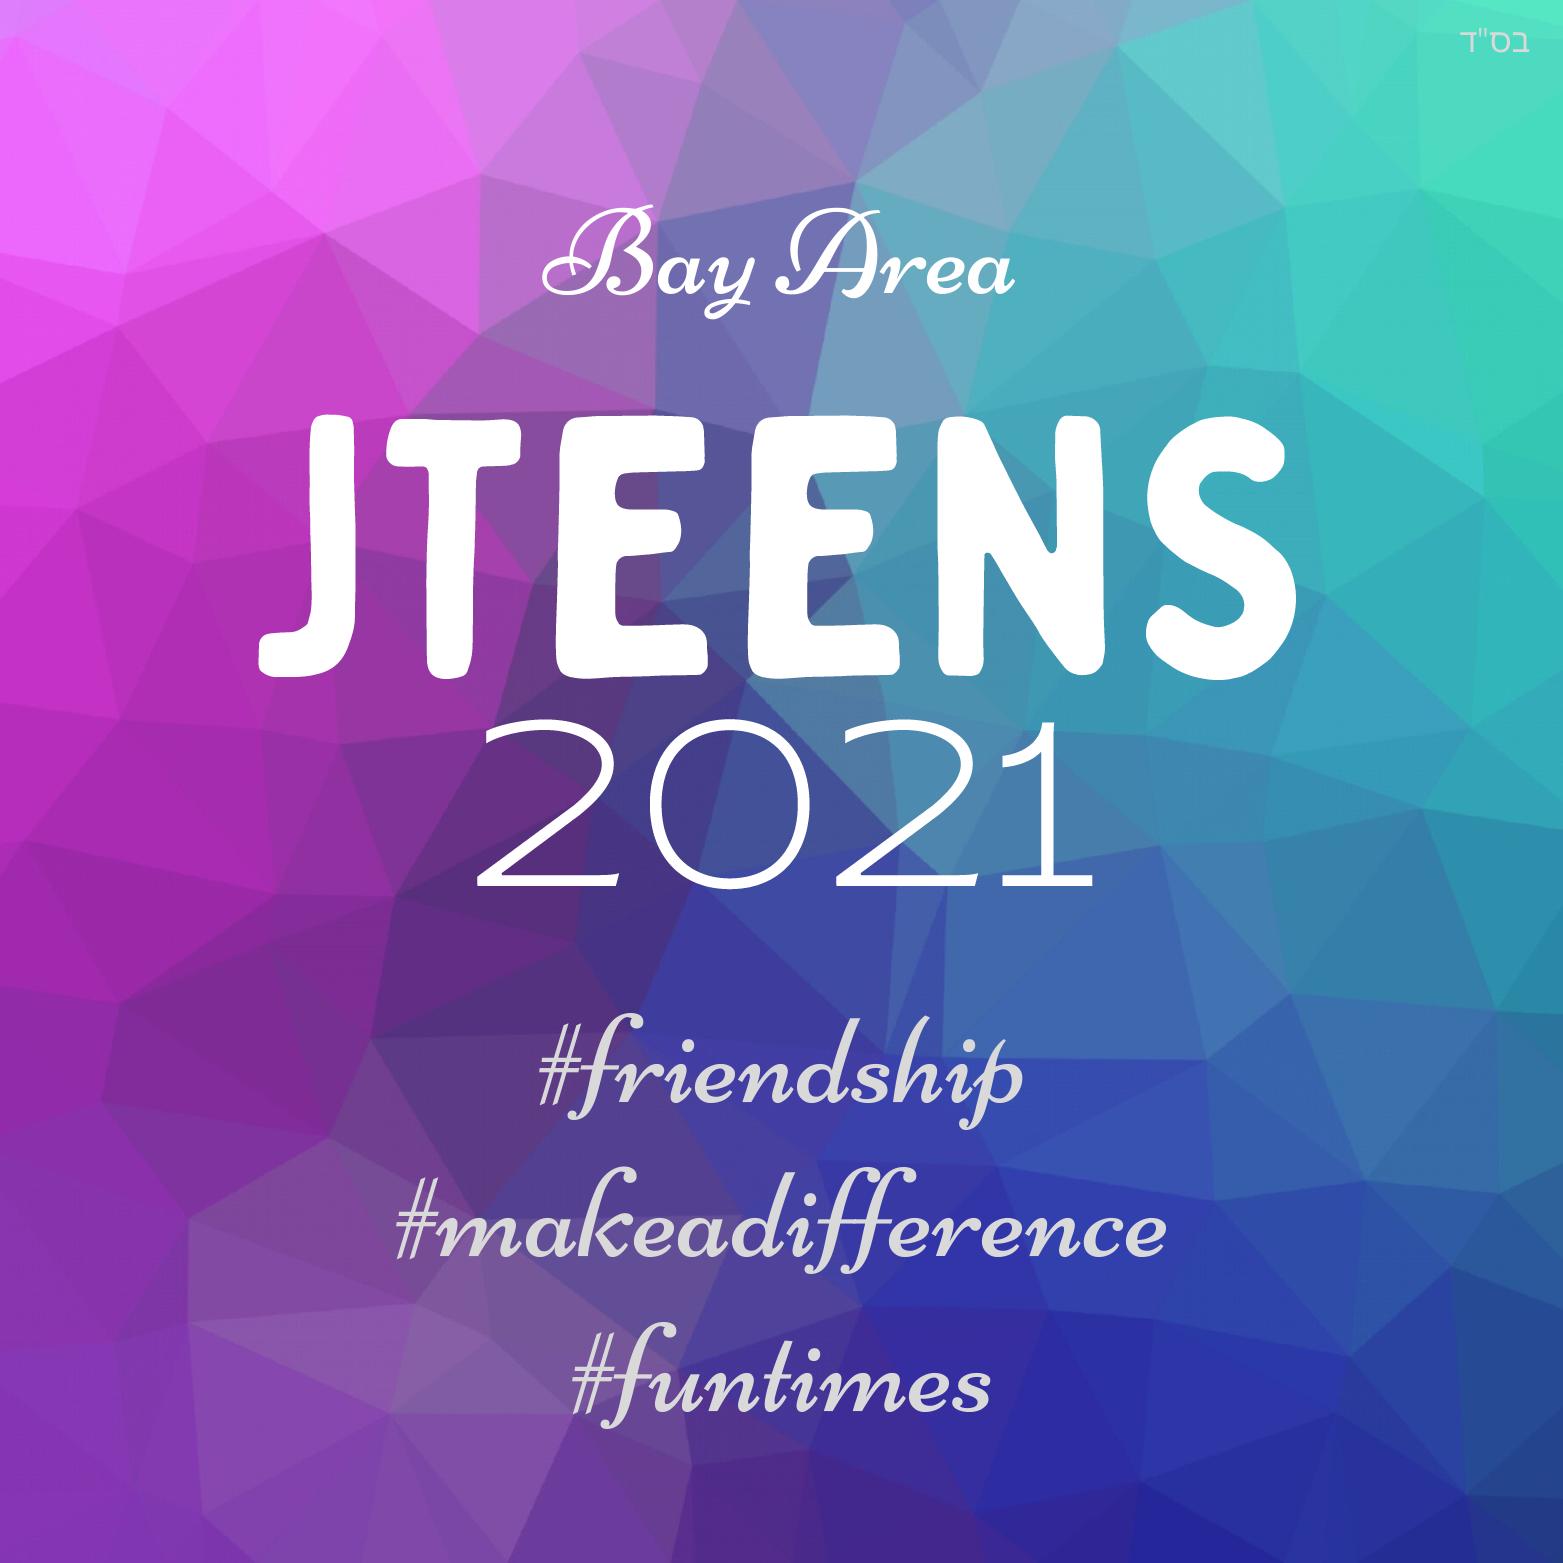 JTeens_2021_web.png